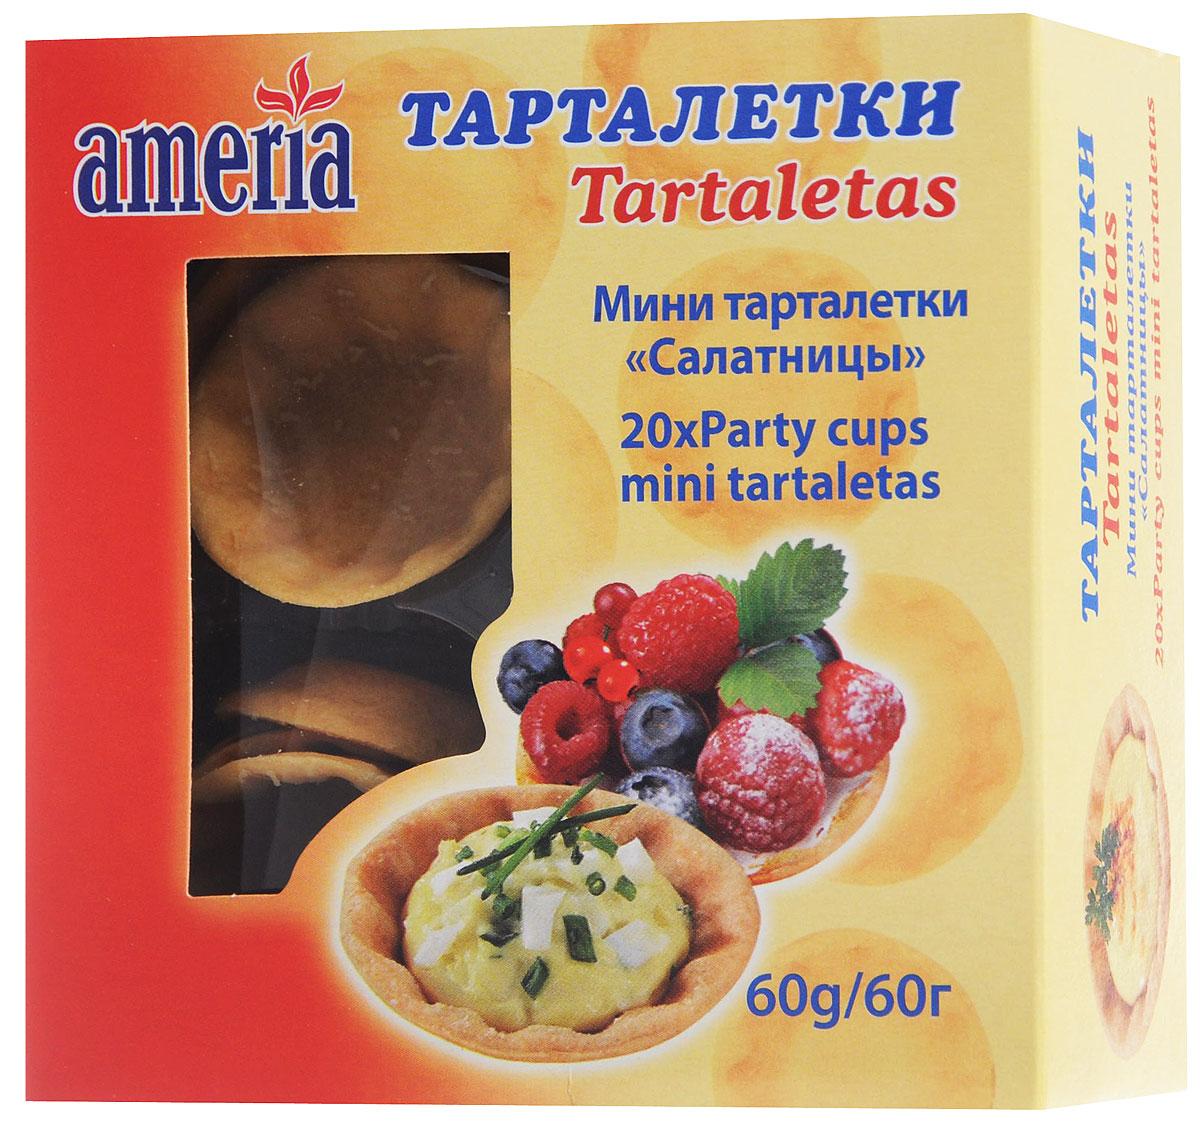 Ameria Party Cups Салатницы мини тарталетки, 60 г1540024Мини тарталетки Ameria Party Cups отлично подойдут для приготовления различного рода закусок к застолью и праздникам. Исходя из вашего вкуса, их можно наполнить самым широким спектром ингредиентов. В одной упаковке содержится 20 салатниц.